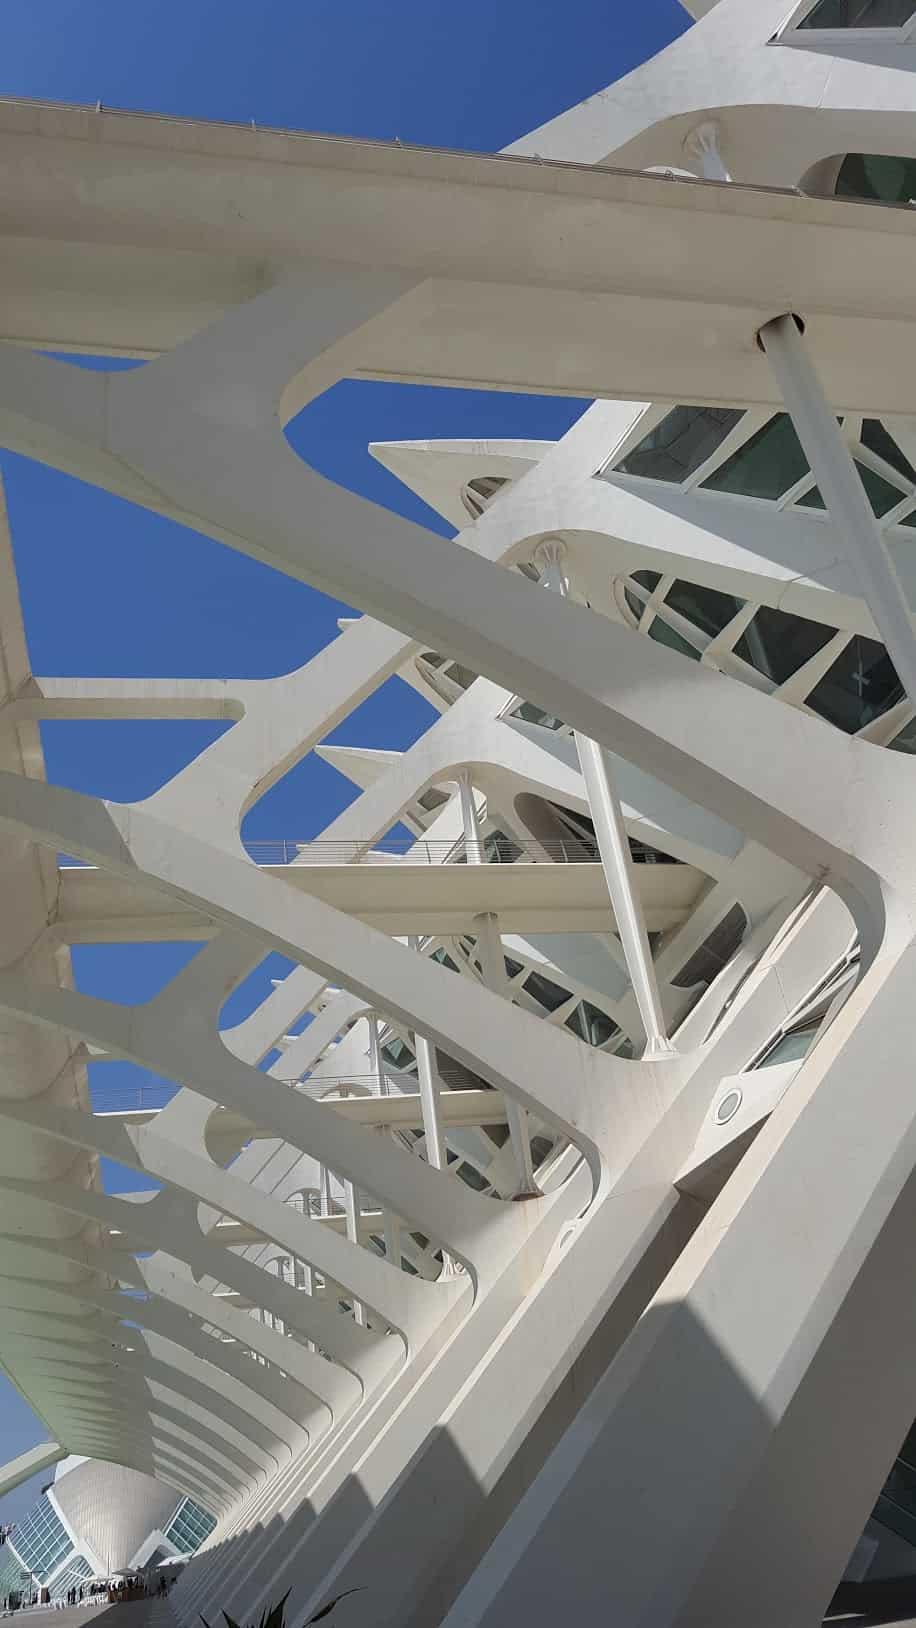 Музей наук и техники принца Фелипе. Город искусств и наук в Валенсии